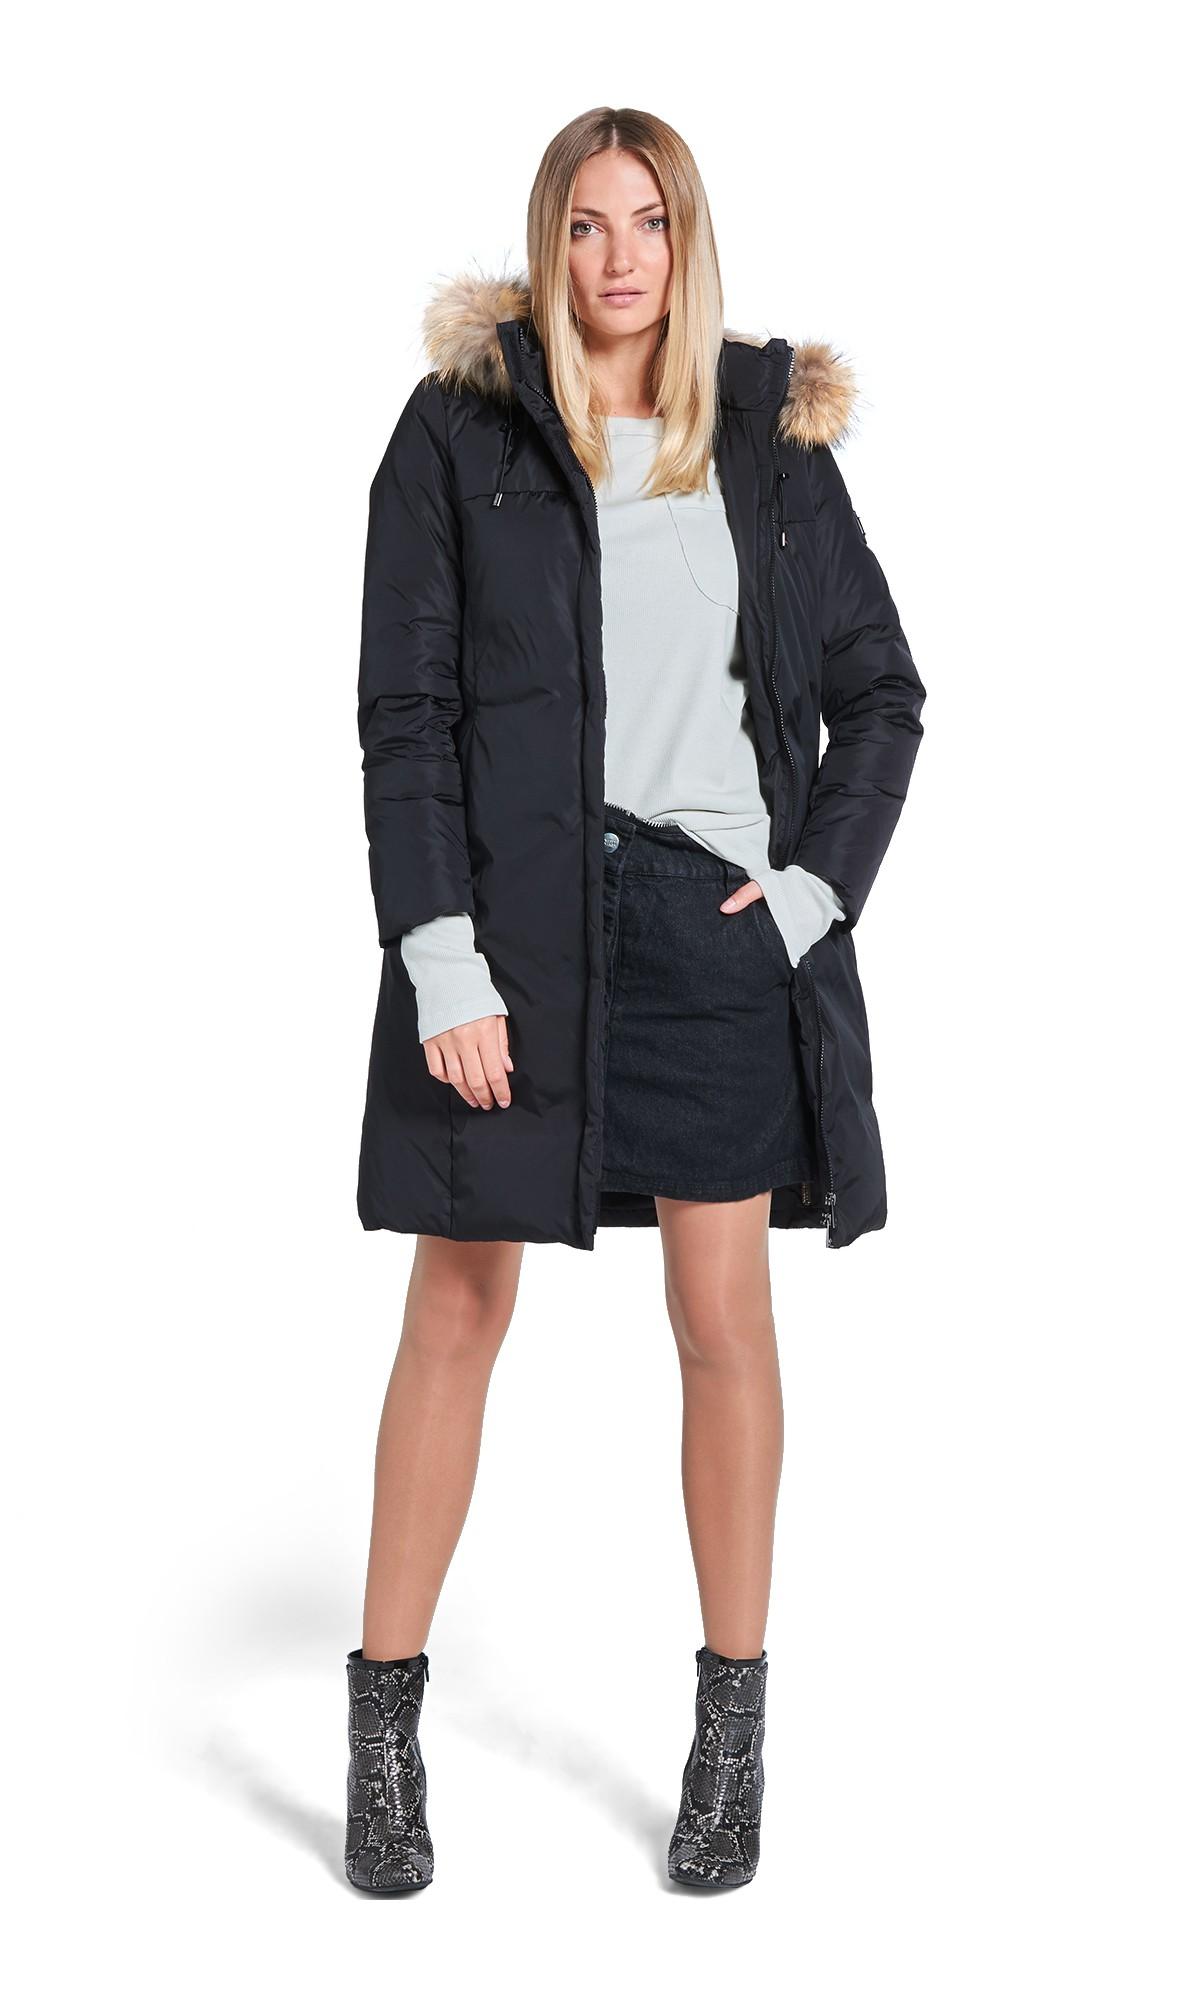 Kurtka zimowa Tiffi z kapturem, w kolorze czarnym, puchowa, futro